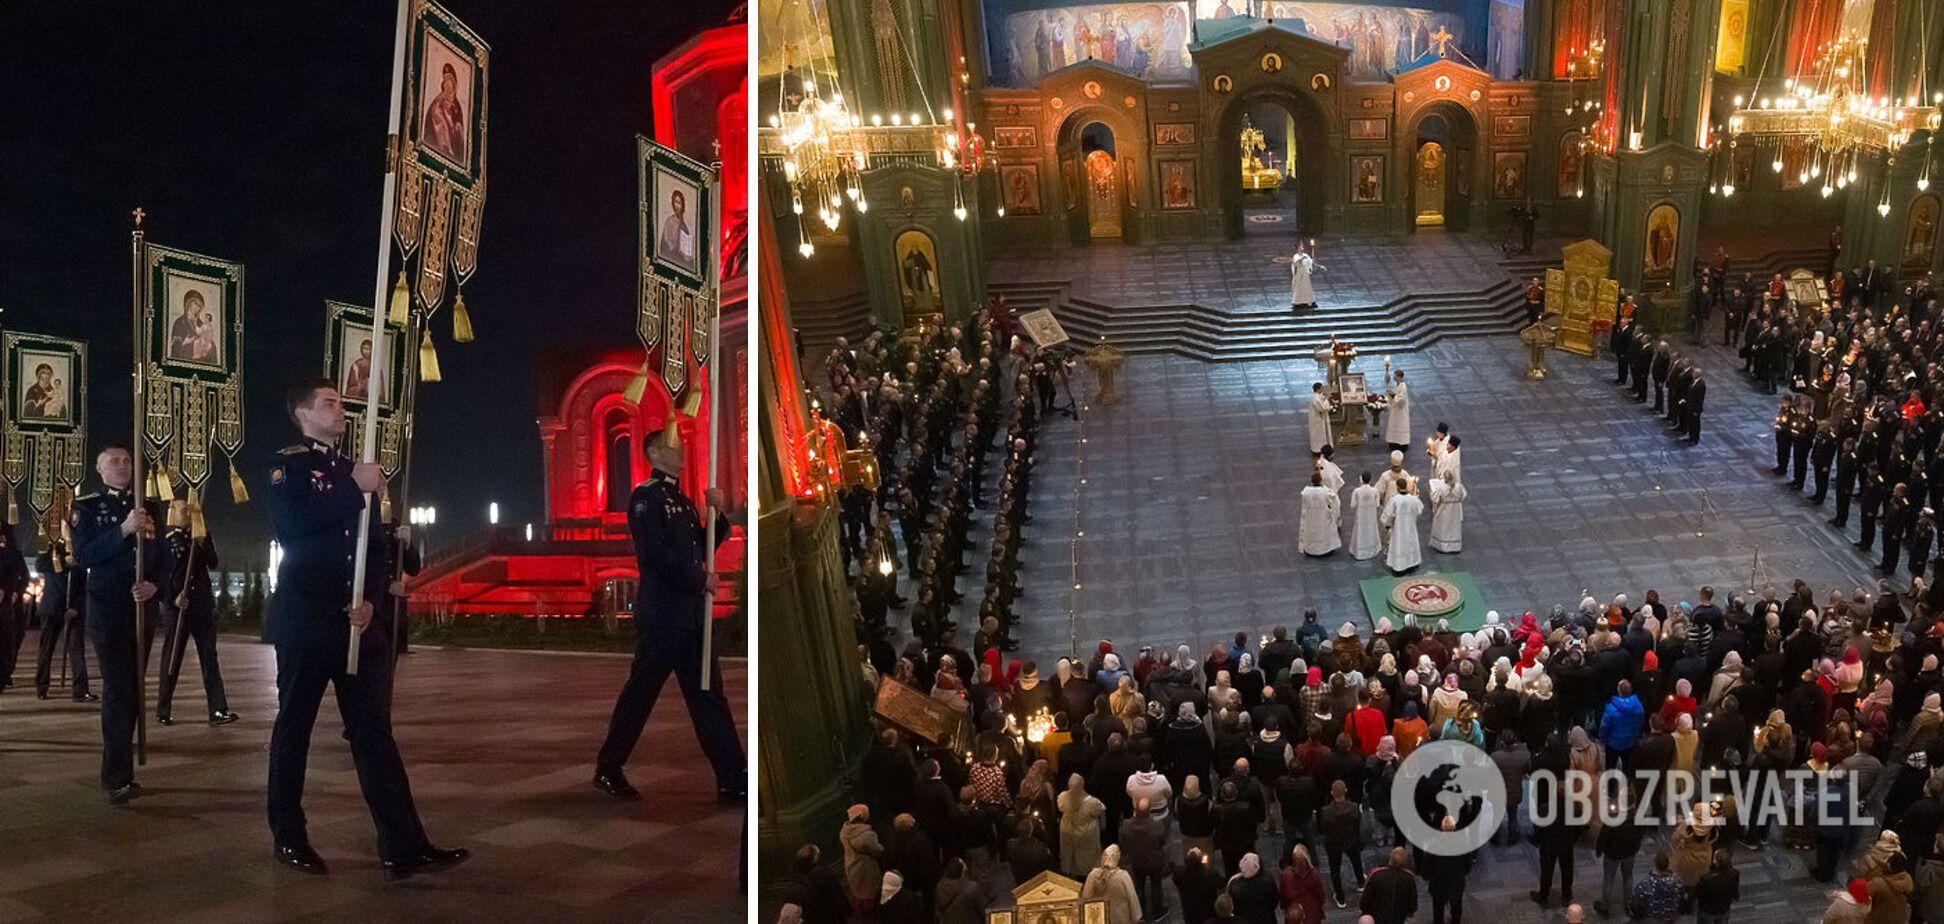 'Черная месса' Путина: в РФ наступает эпоха тотальной войны